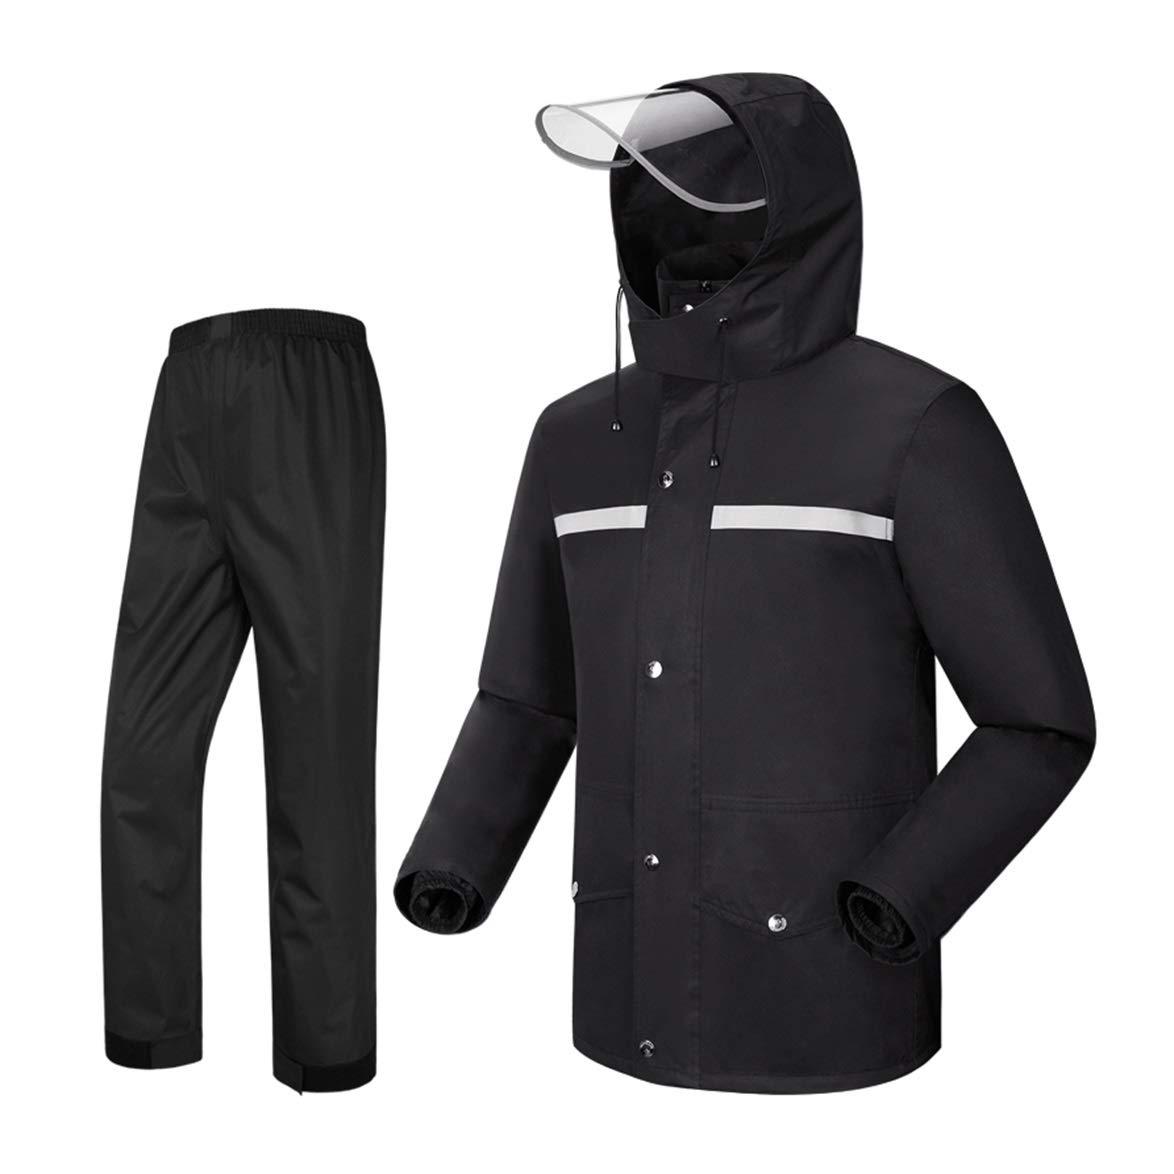 LAXF-Regenbekleidung Regenmantel mit Kapuze, Regenanzug für Männer wasserdicht Radfahren Motorrad Reiten Golf 2-teiliger Anzug